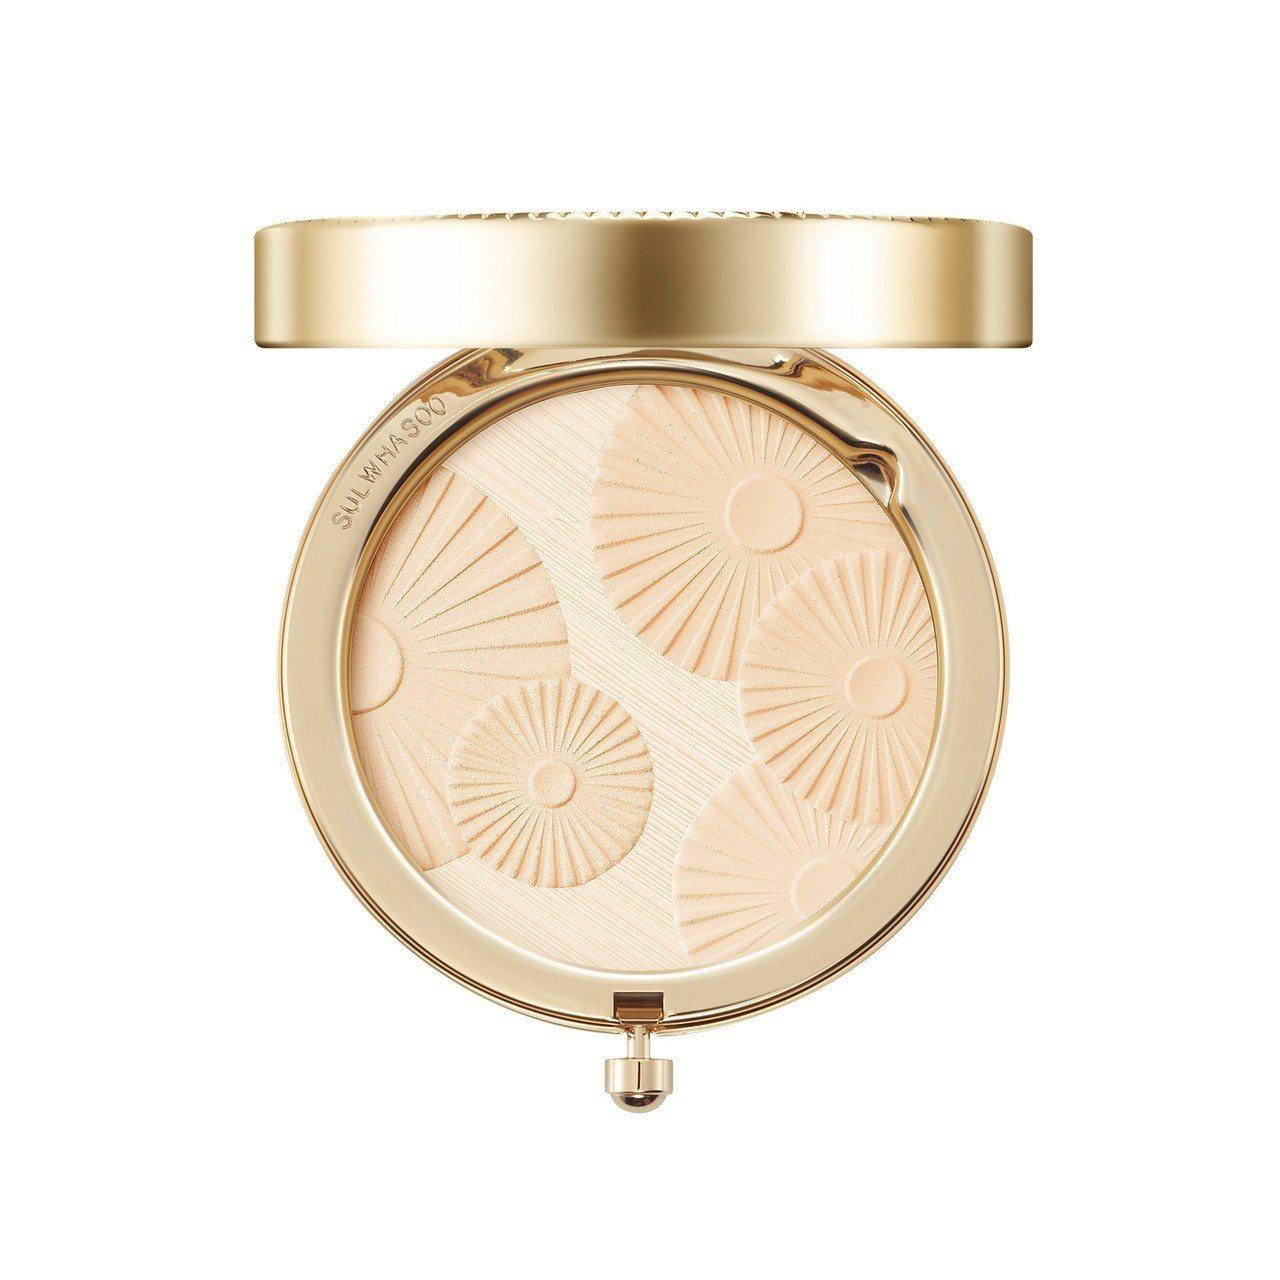 花釉香粧盒2018限量版,粉體上有永生草壓紋。圖/雪花秀提供